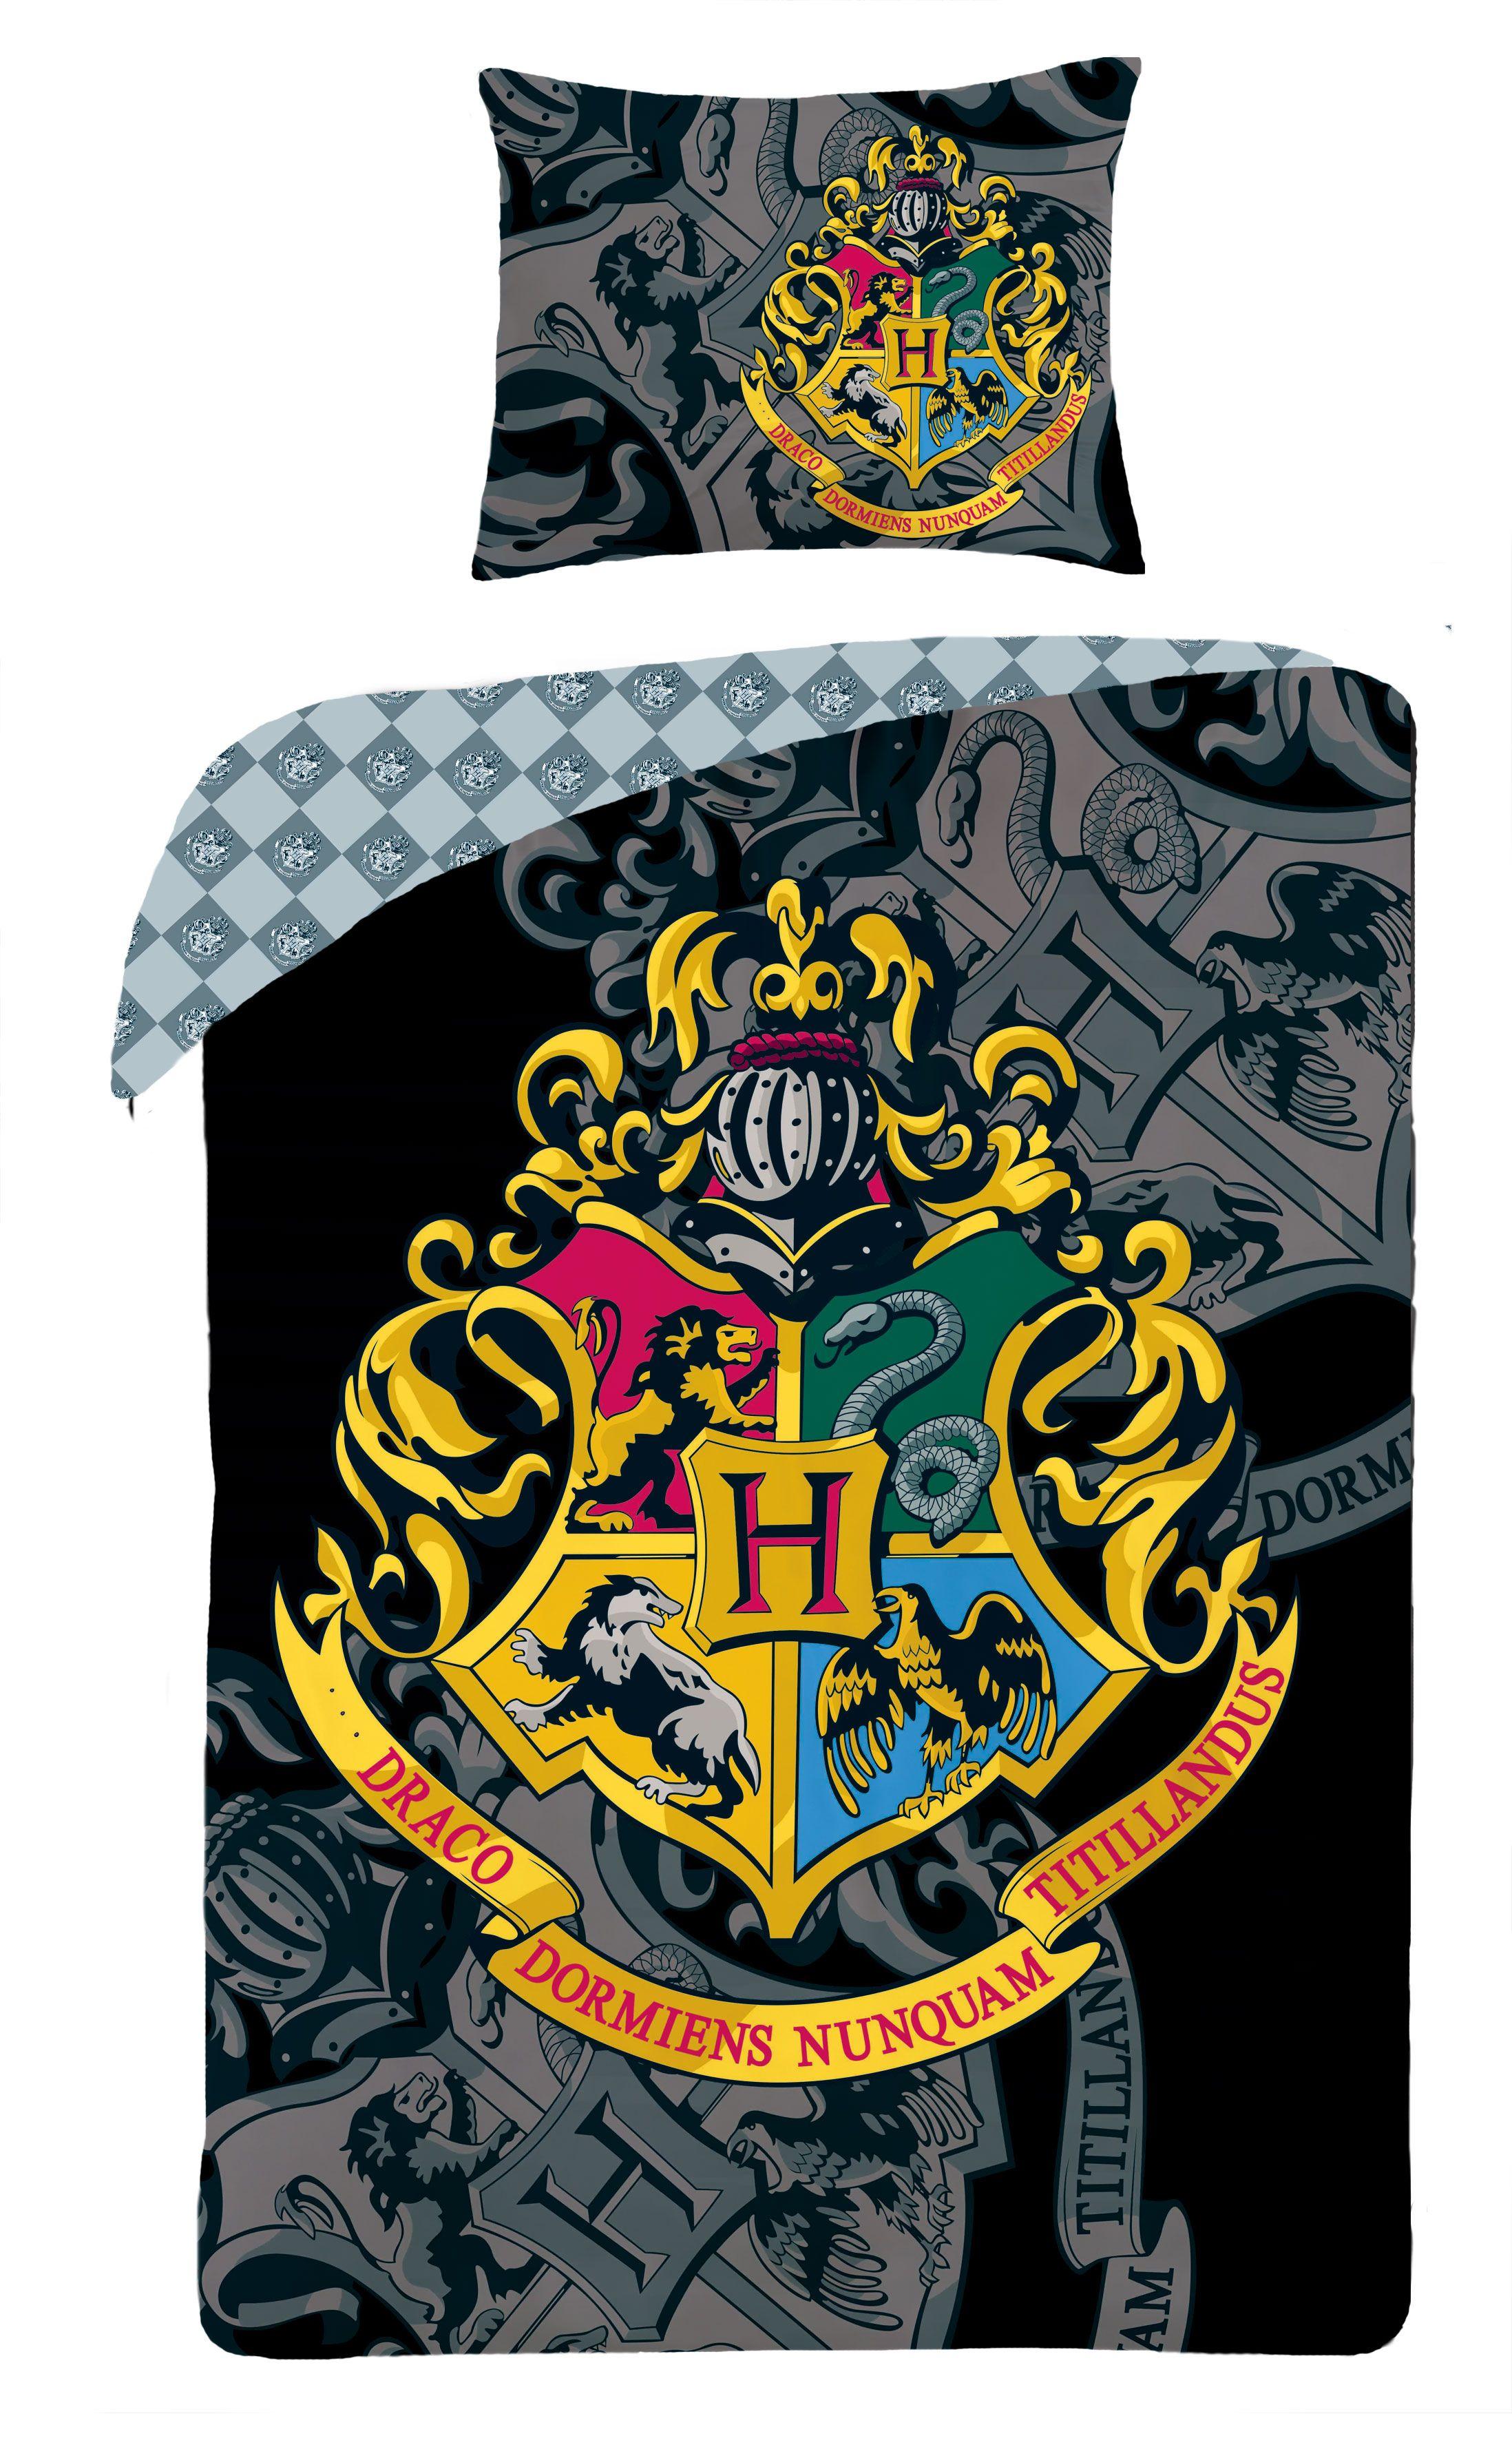 Pościel licencyjna Harry Potter HP 0068BL Materiał bawełna Rozmiar 140x200cm 70x90cm Dostępne od marca 2017